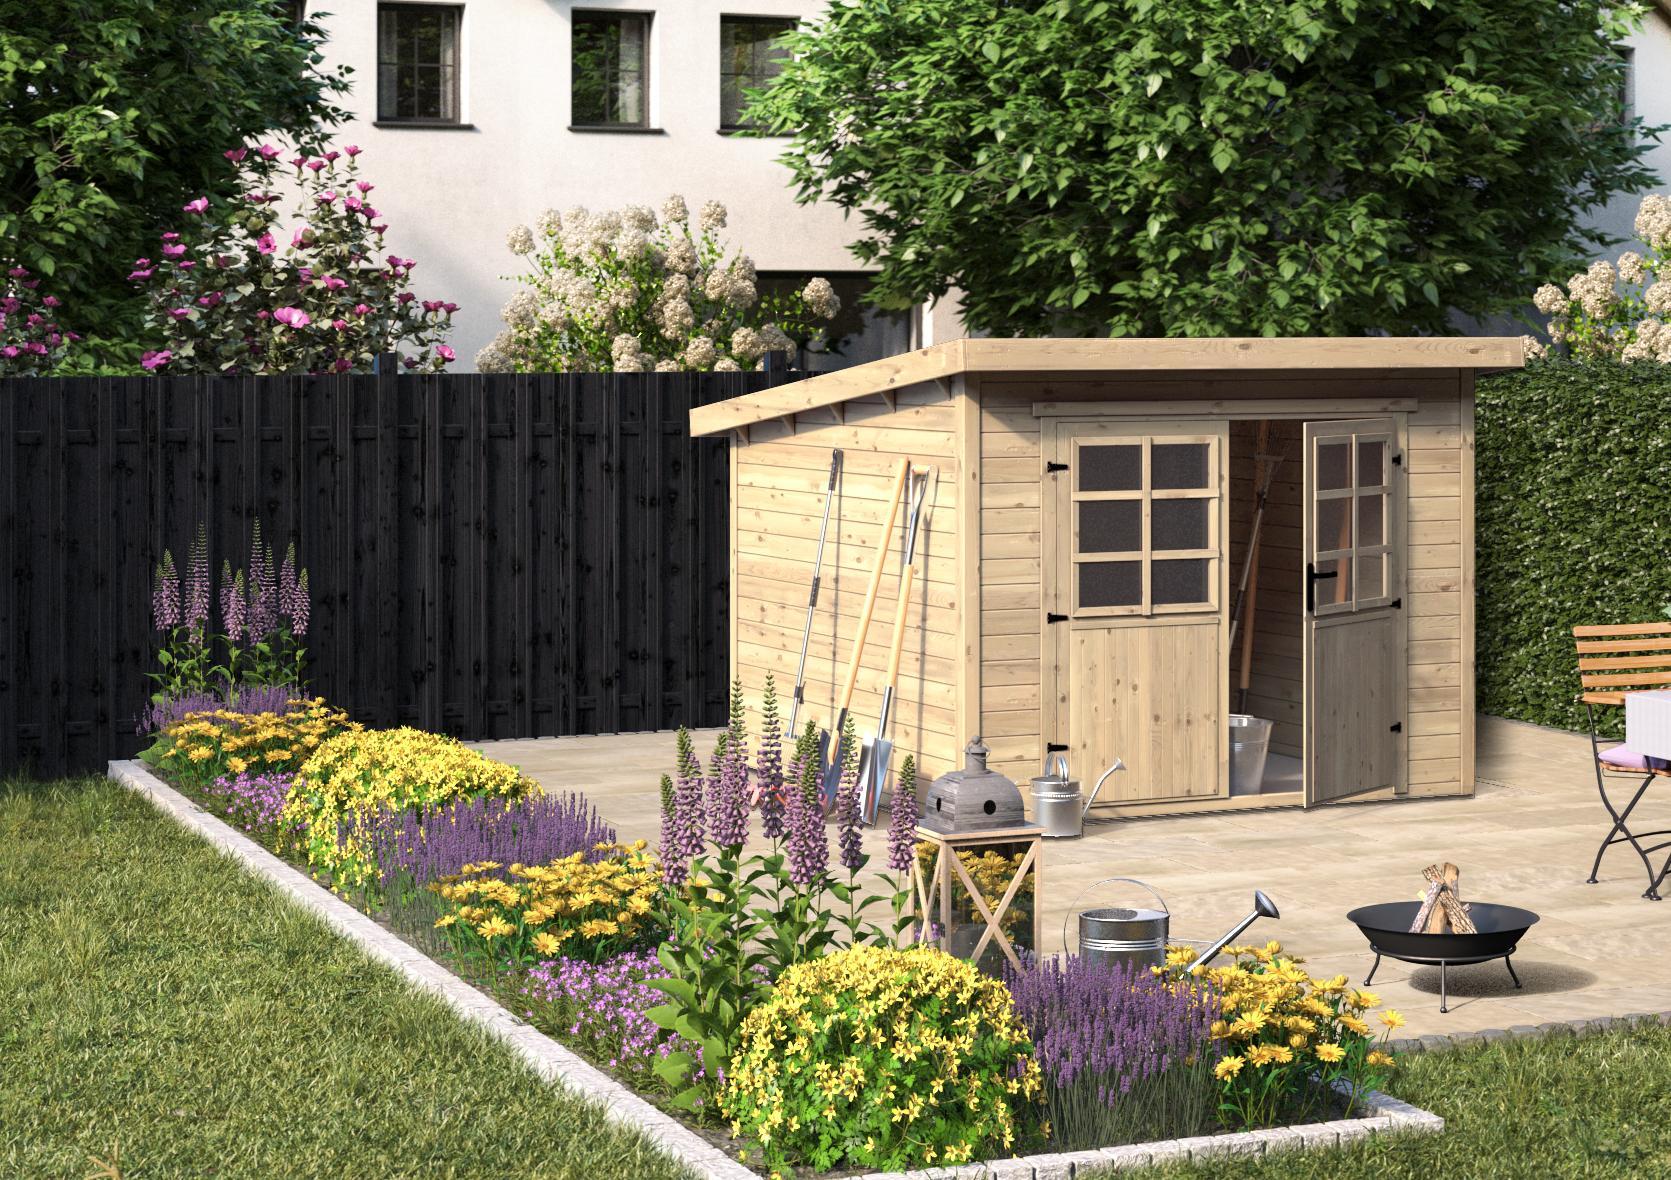 Gartengestaltung Modern Ideen Bilder